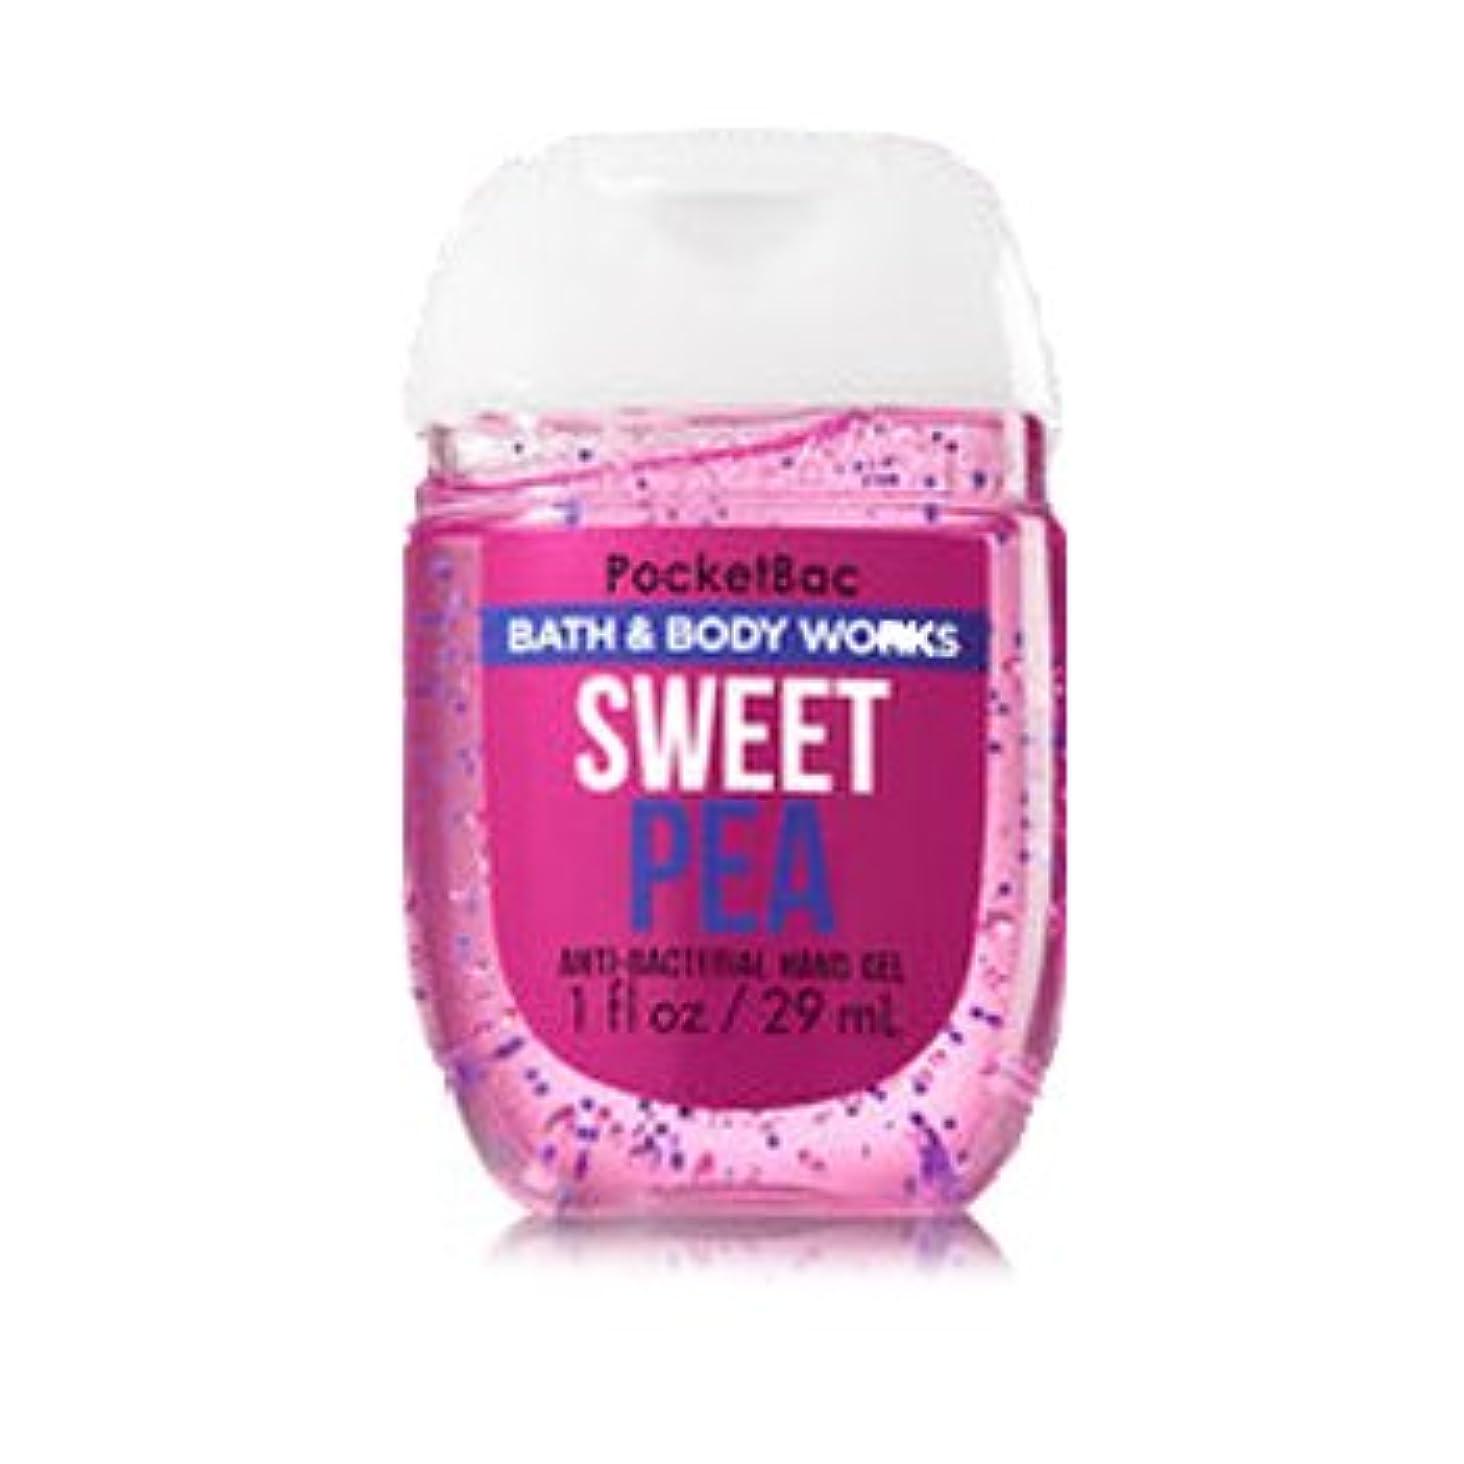 ラッチ多様性永久にバス&ボディワークス ハンドジェル 29ml スウィートピー Bath&Body Works Anti-Bacterial PocketBac Sanitizing Hand Gel Sweet Pea [並行輸入品]